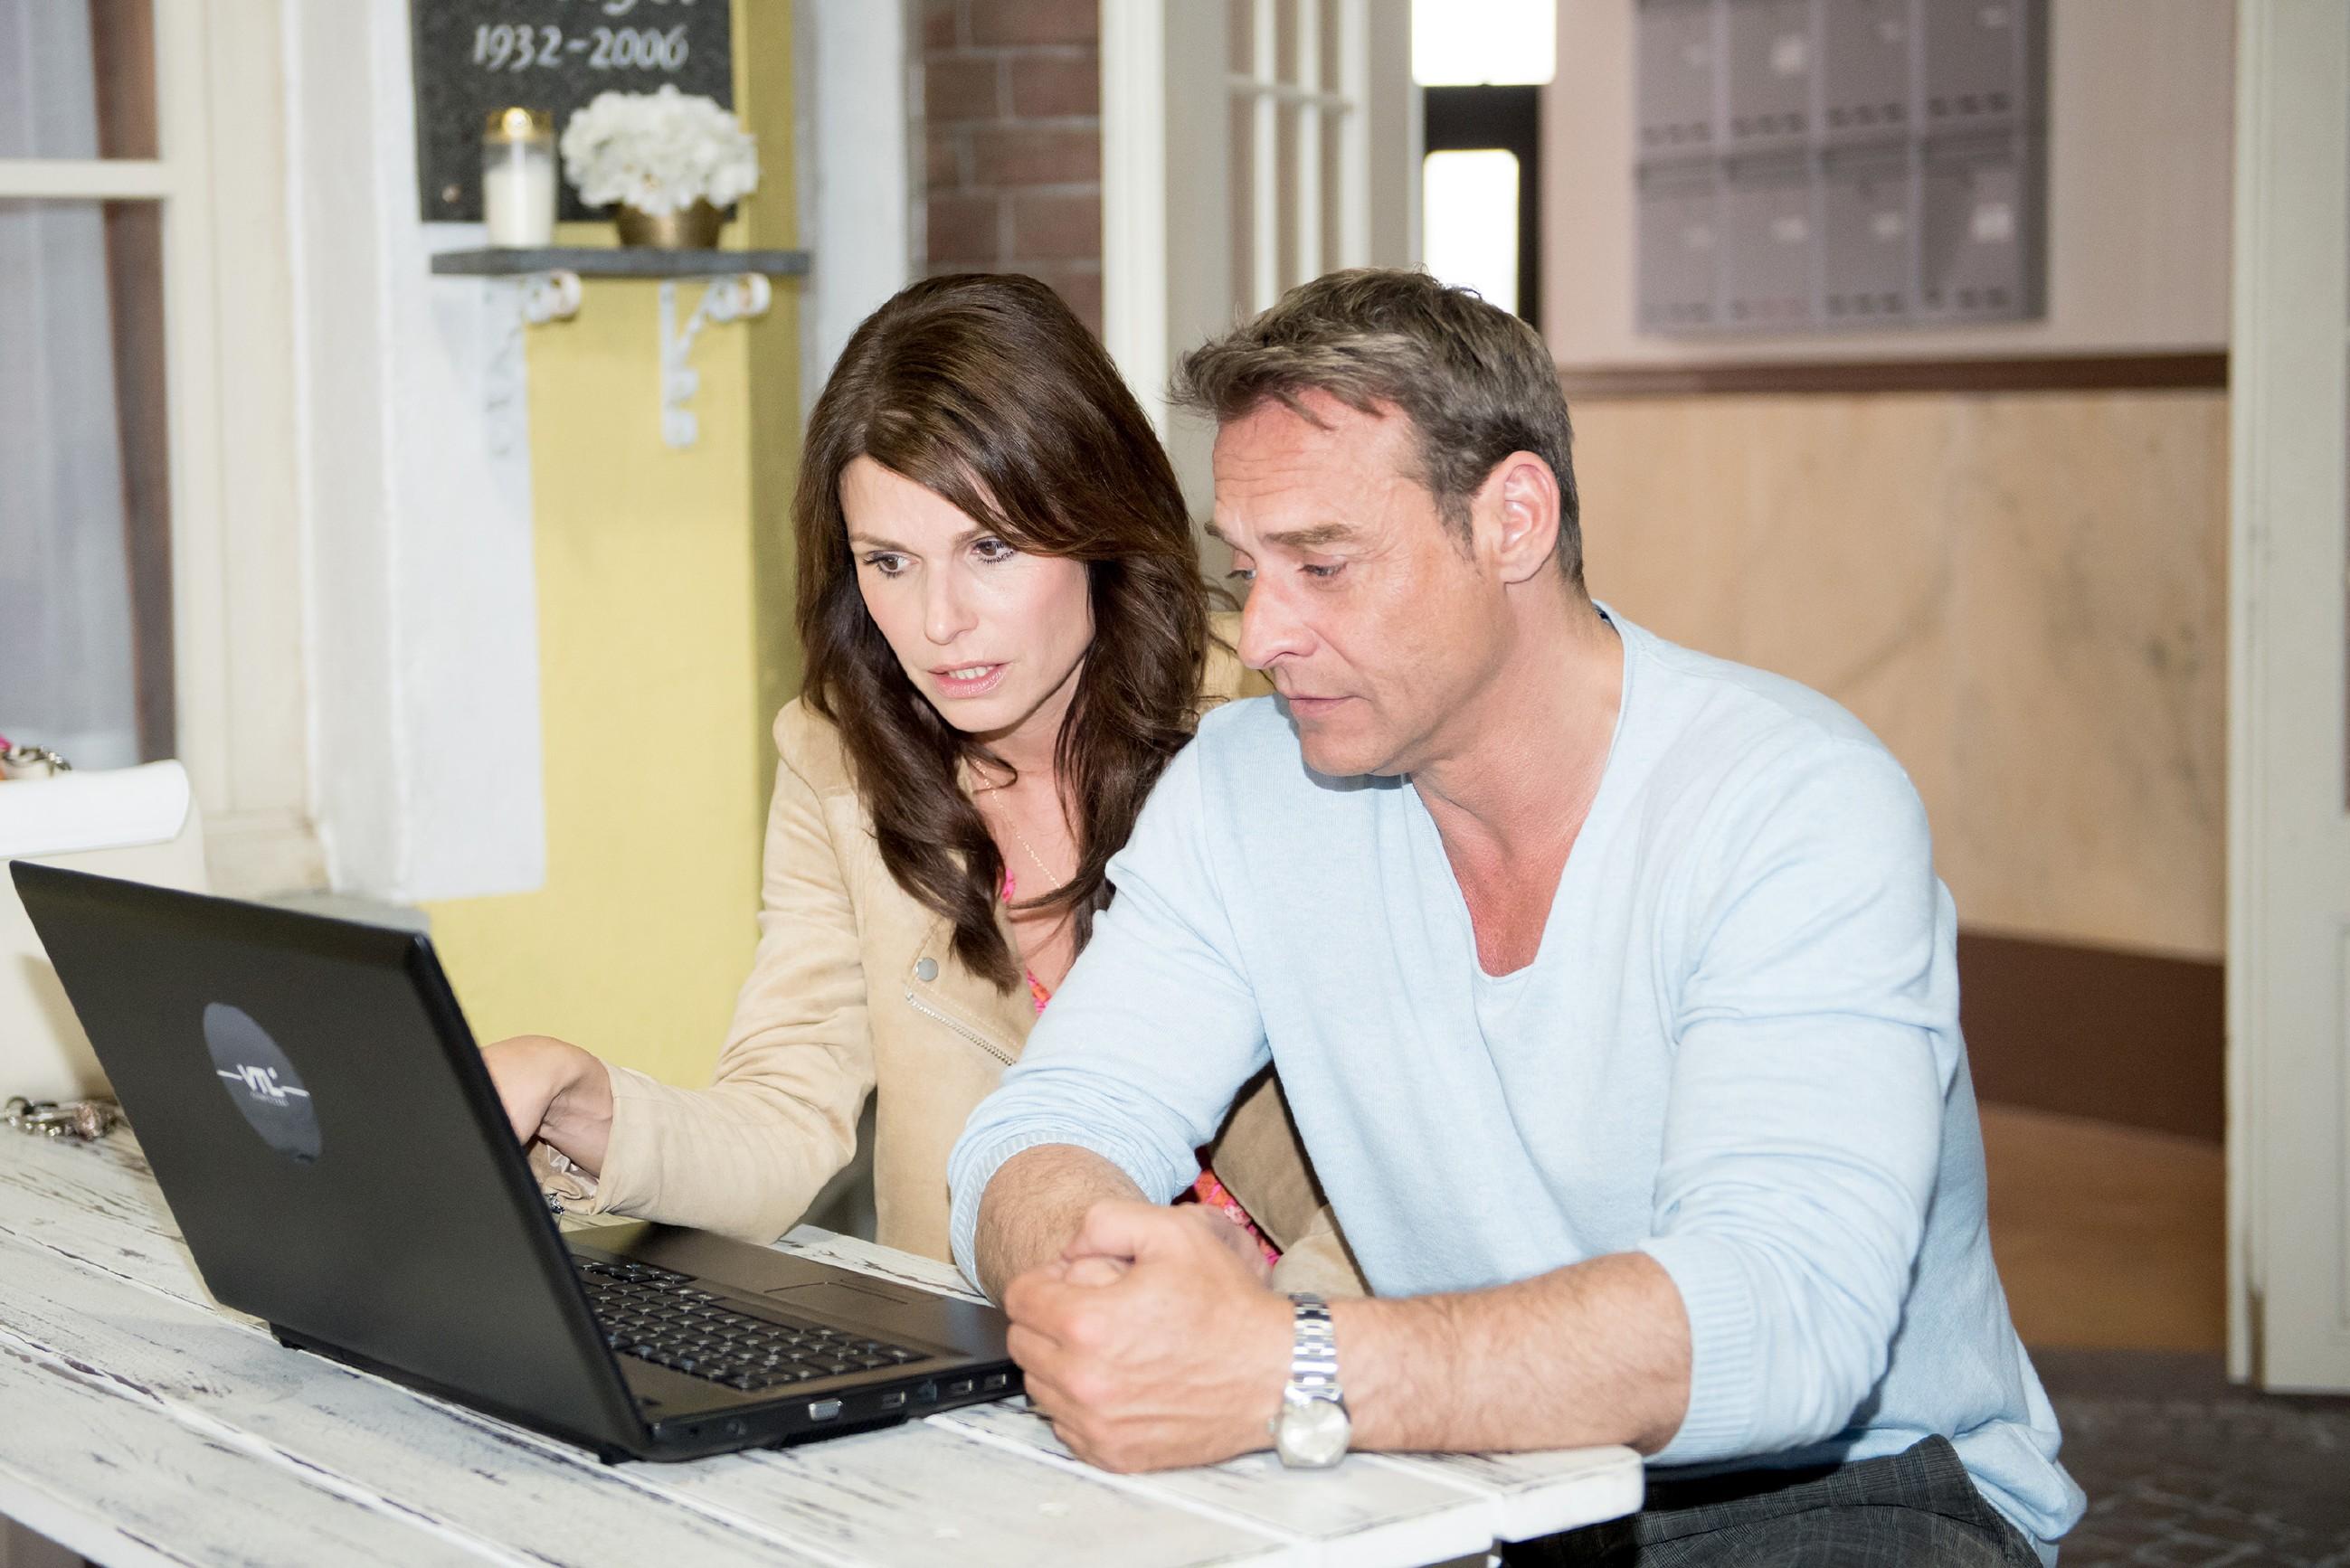 Britta (Tabea Heynig) erkennt im Beisein von Rufus (Kai Noll) entrüstet, dass sie in den sozialen Netzwerken gedisst wird. (Quelle: RTL / Stefan Behrens)